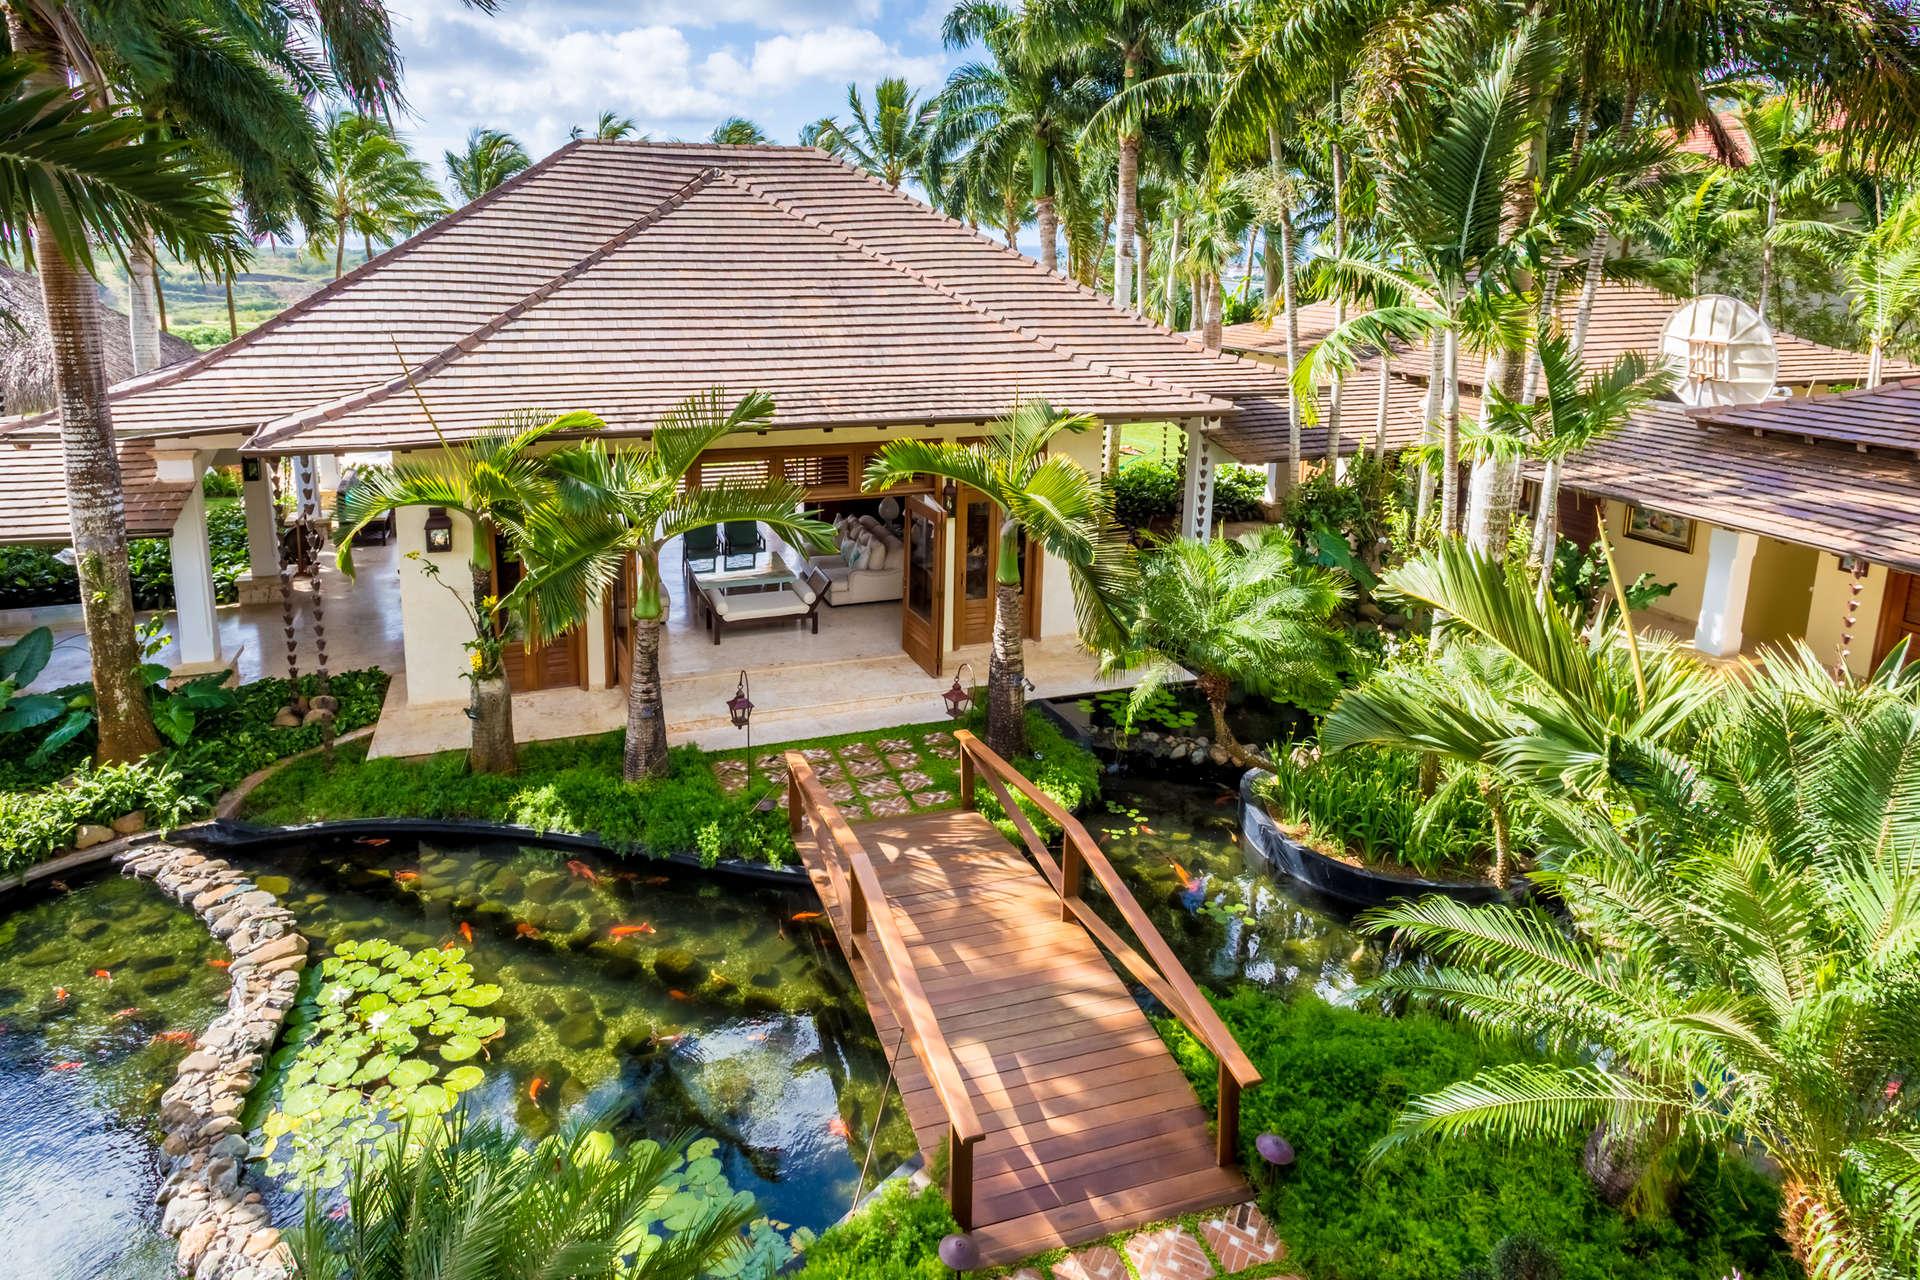 Luxury villa rentals caribbean - Dominican republic - Casa decampo - Villa Palmeras - Image 1/22